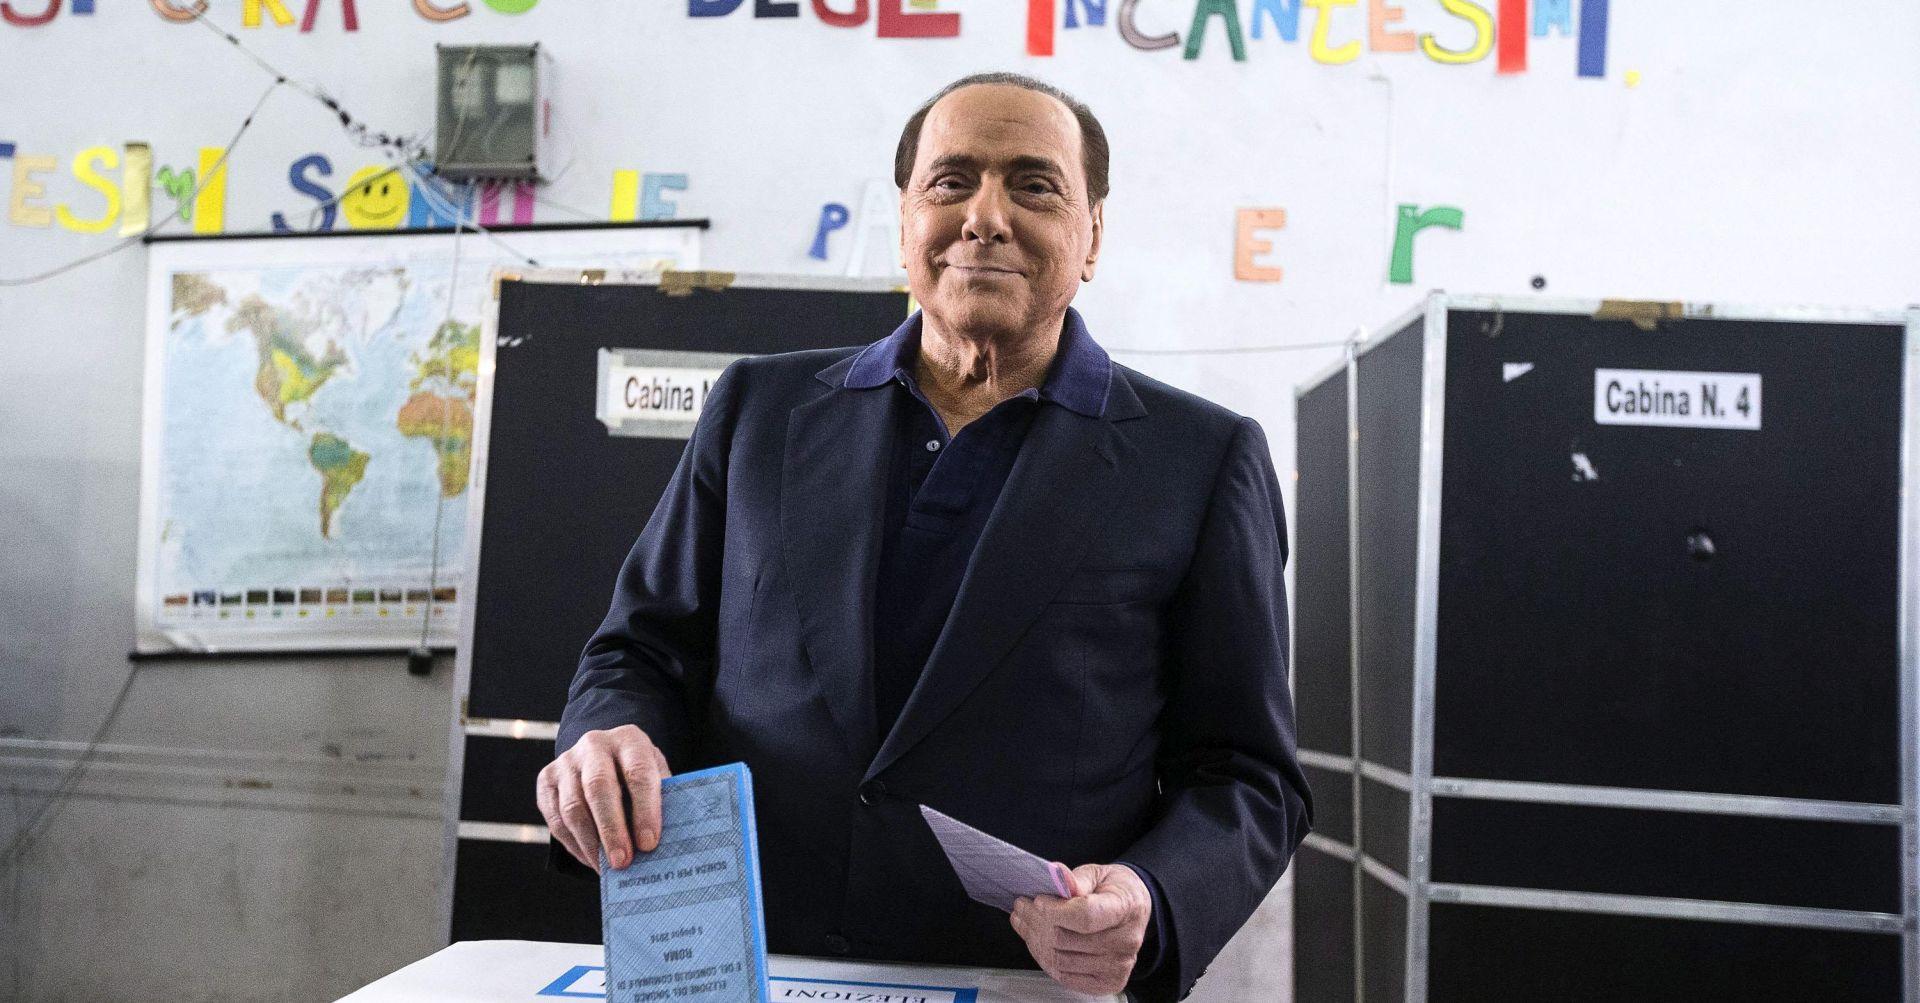 'NIJE ZABRINJAVAJUĆE' Silvio Berlusconi hospitaliziran zbog problema sa srcem